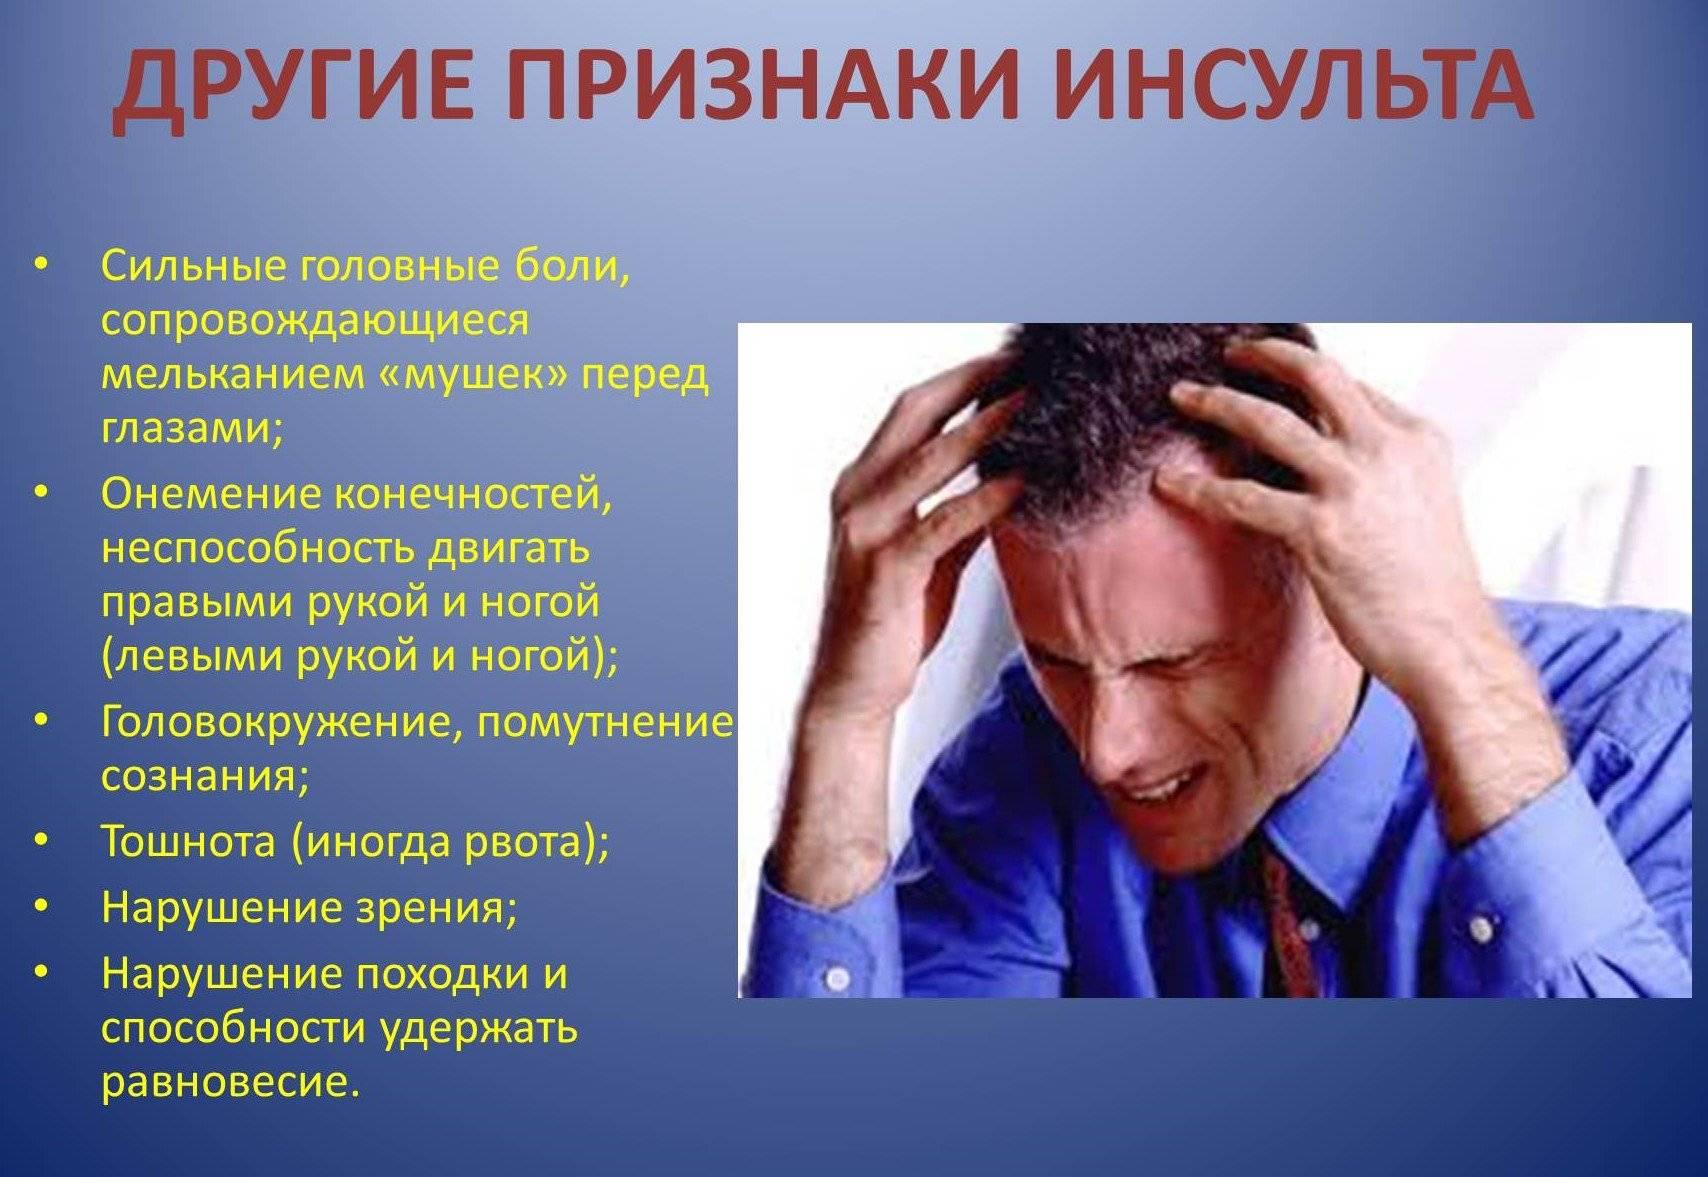 Судорожный синдром: причины, симптомы, первая помощь, терапия